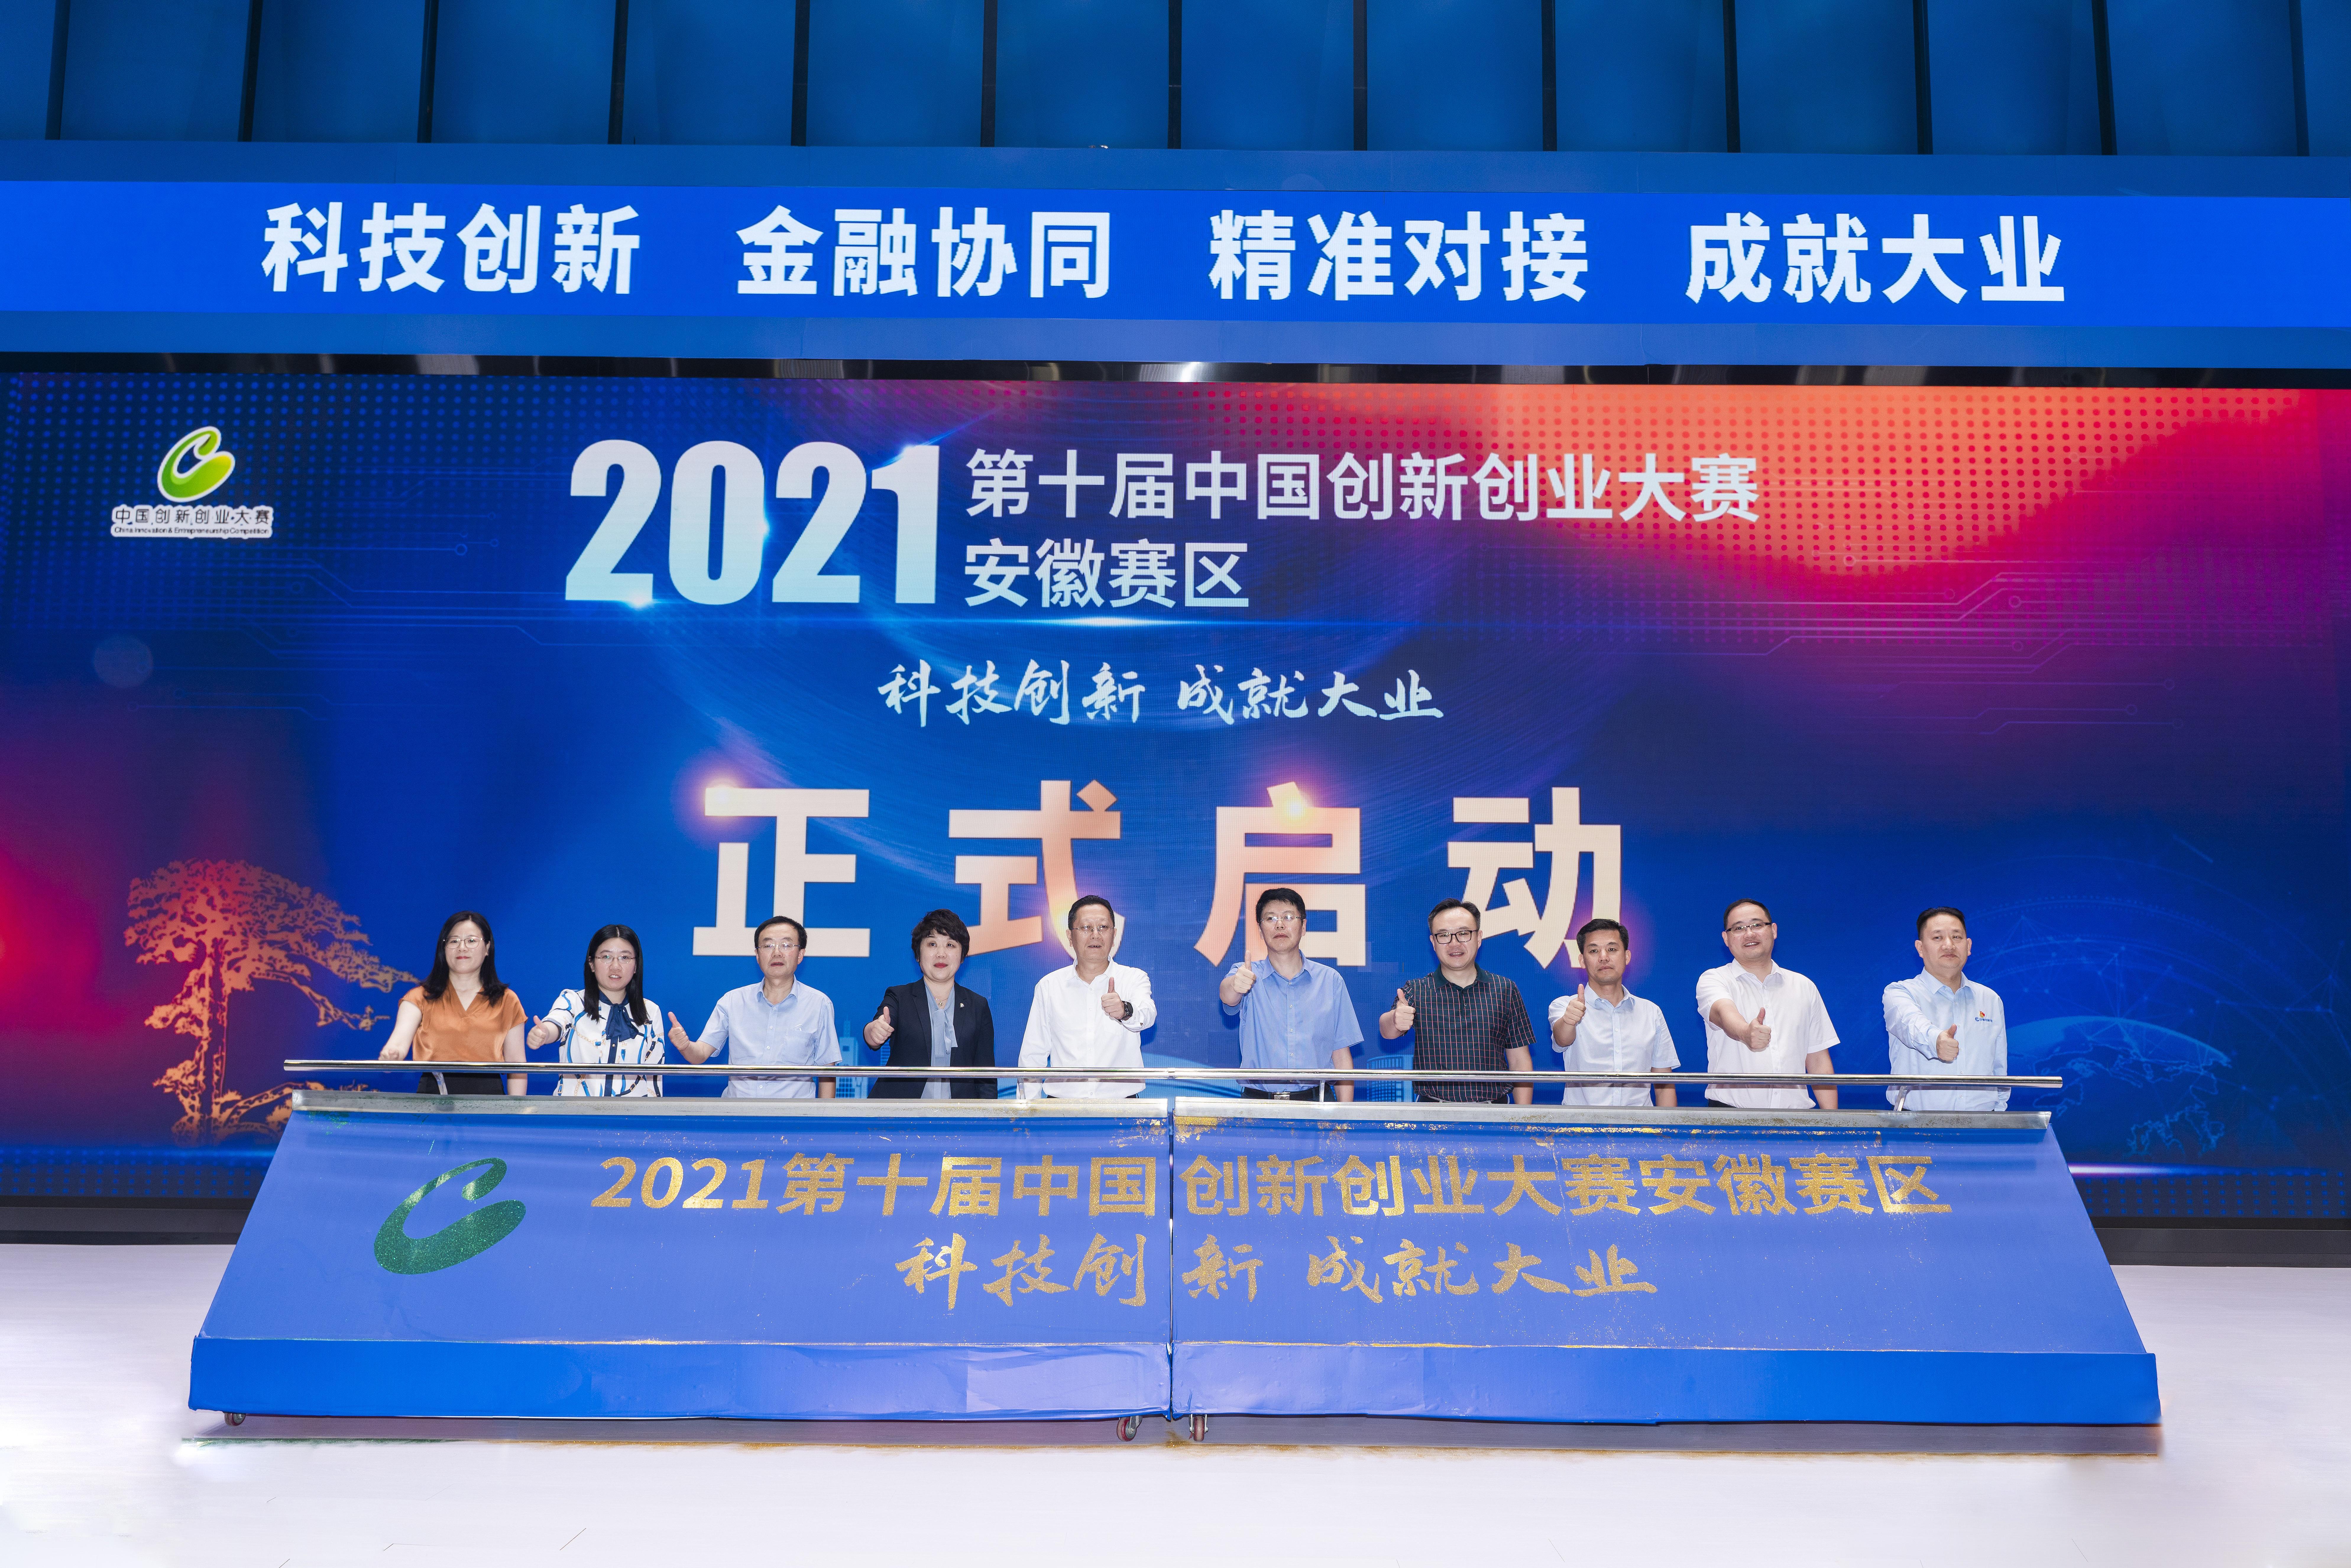 第十届中国创新创业大赛在安徽创新馆隆重举行